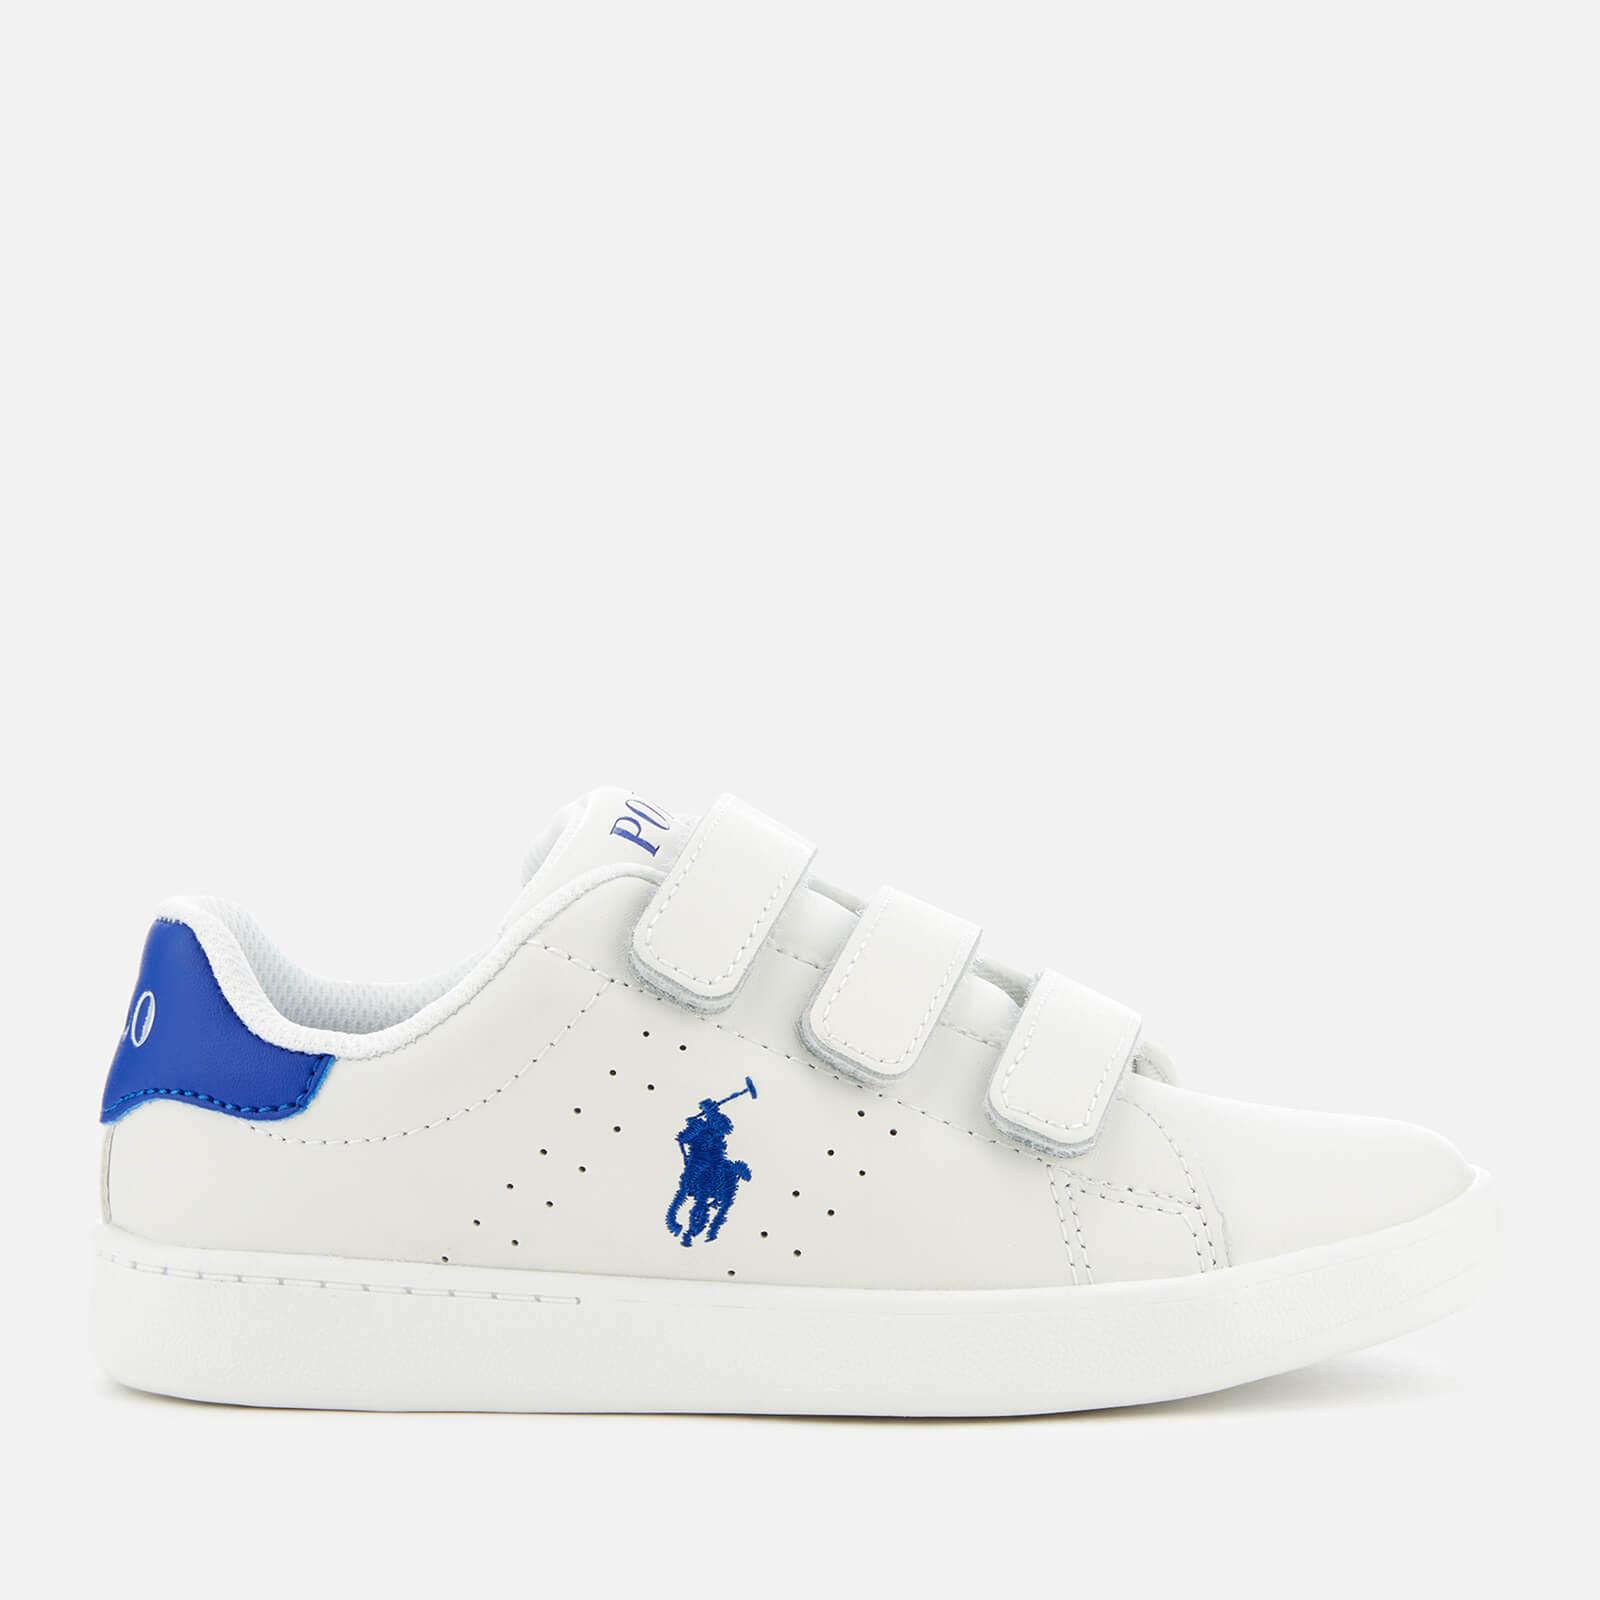 7f33016d5dd Polo Ralph Lauren Kids' Quilton EZ Leather Velcro Trainers - White/Royal  Junior Clothing | TheHut.com